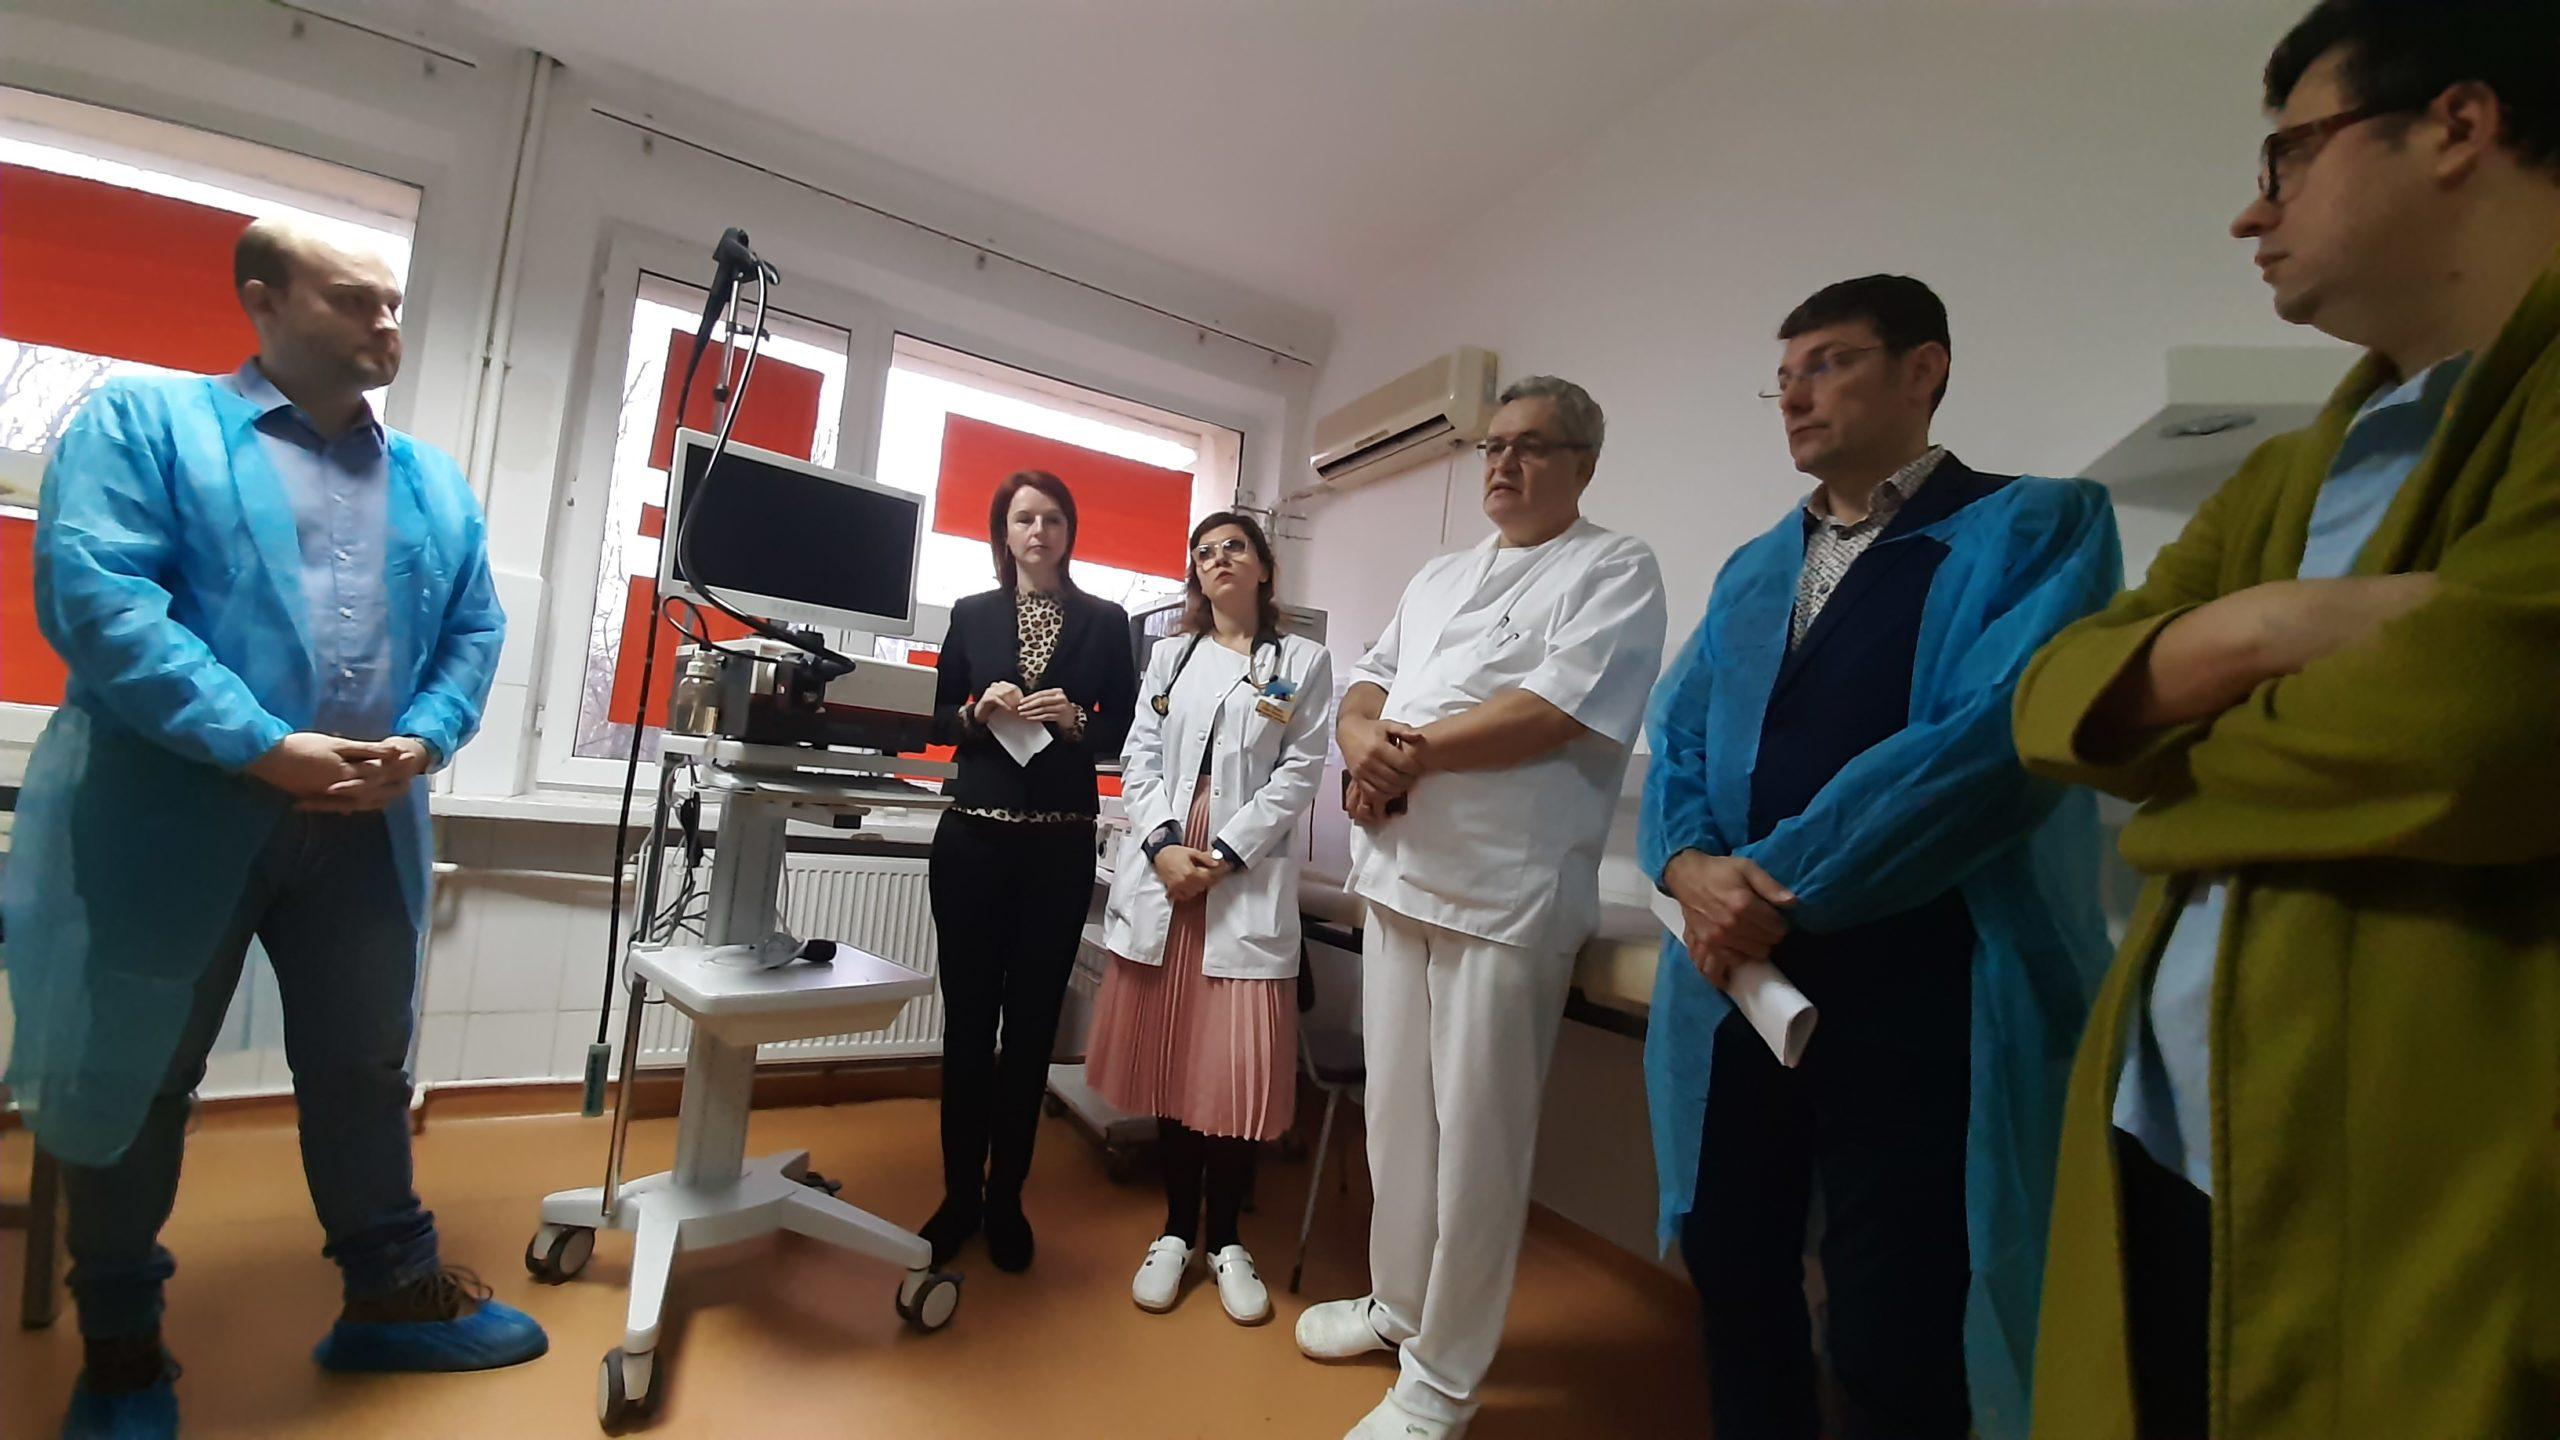 O nouă donație de aparatură din partea firmei Marcel pentru Spitalul Roman